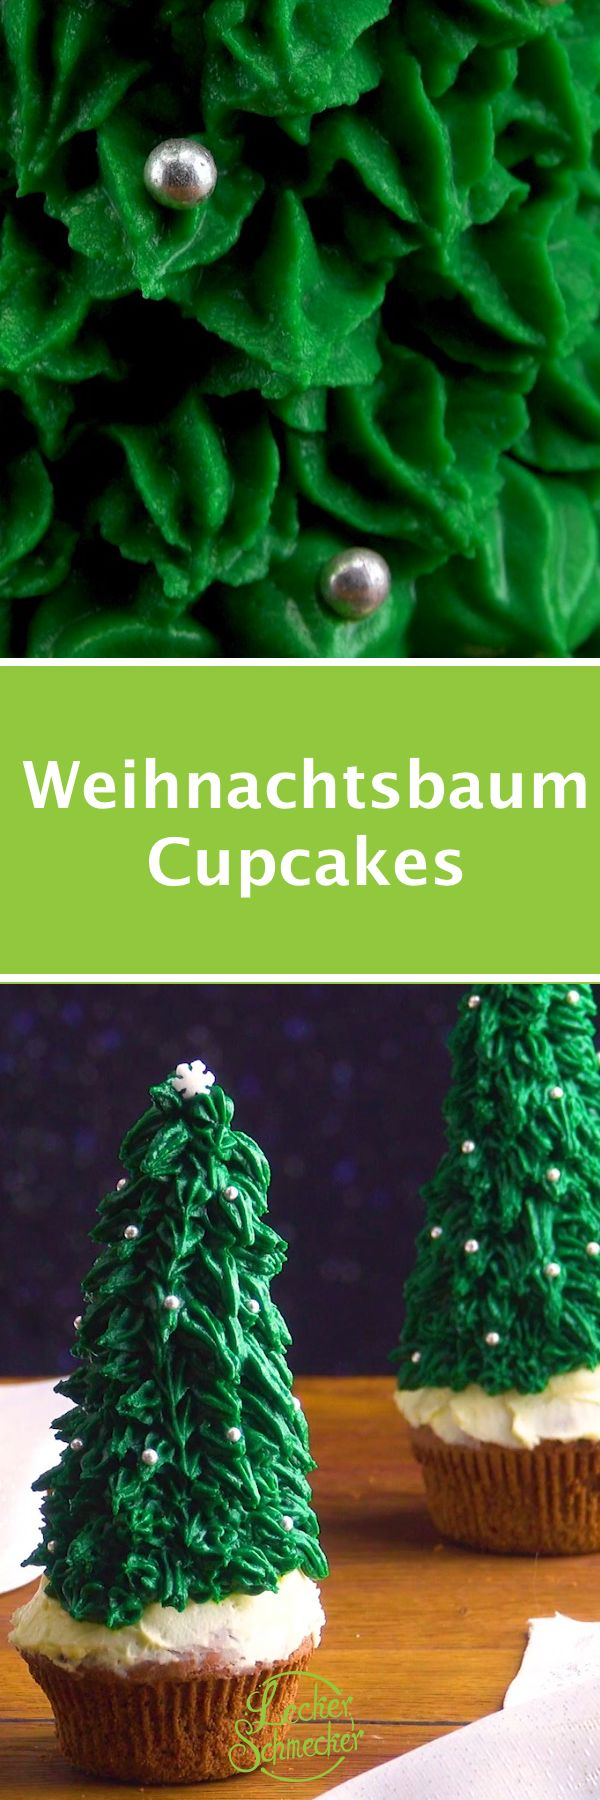 weihnachtsbaum cupcake tannenbaum muffin gr nes. Black Bedroom Furniture Sets. Home Design Ideas